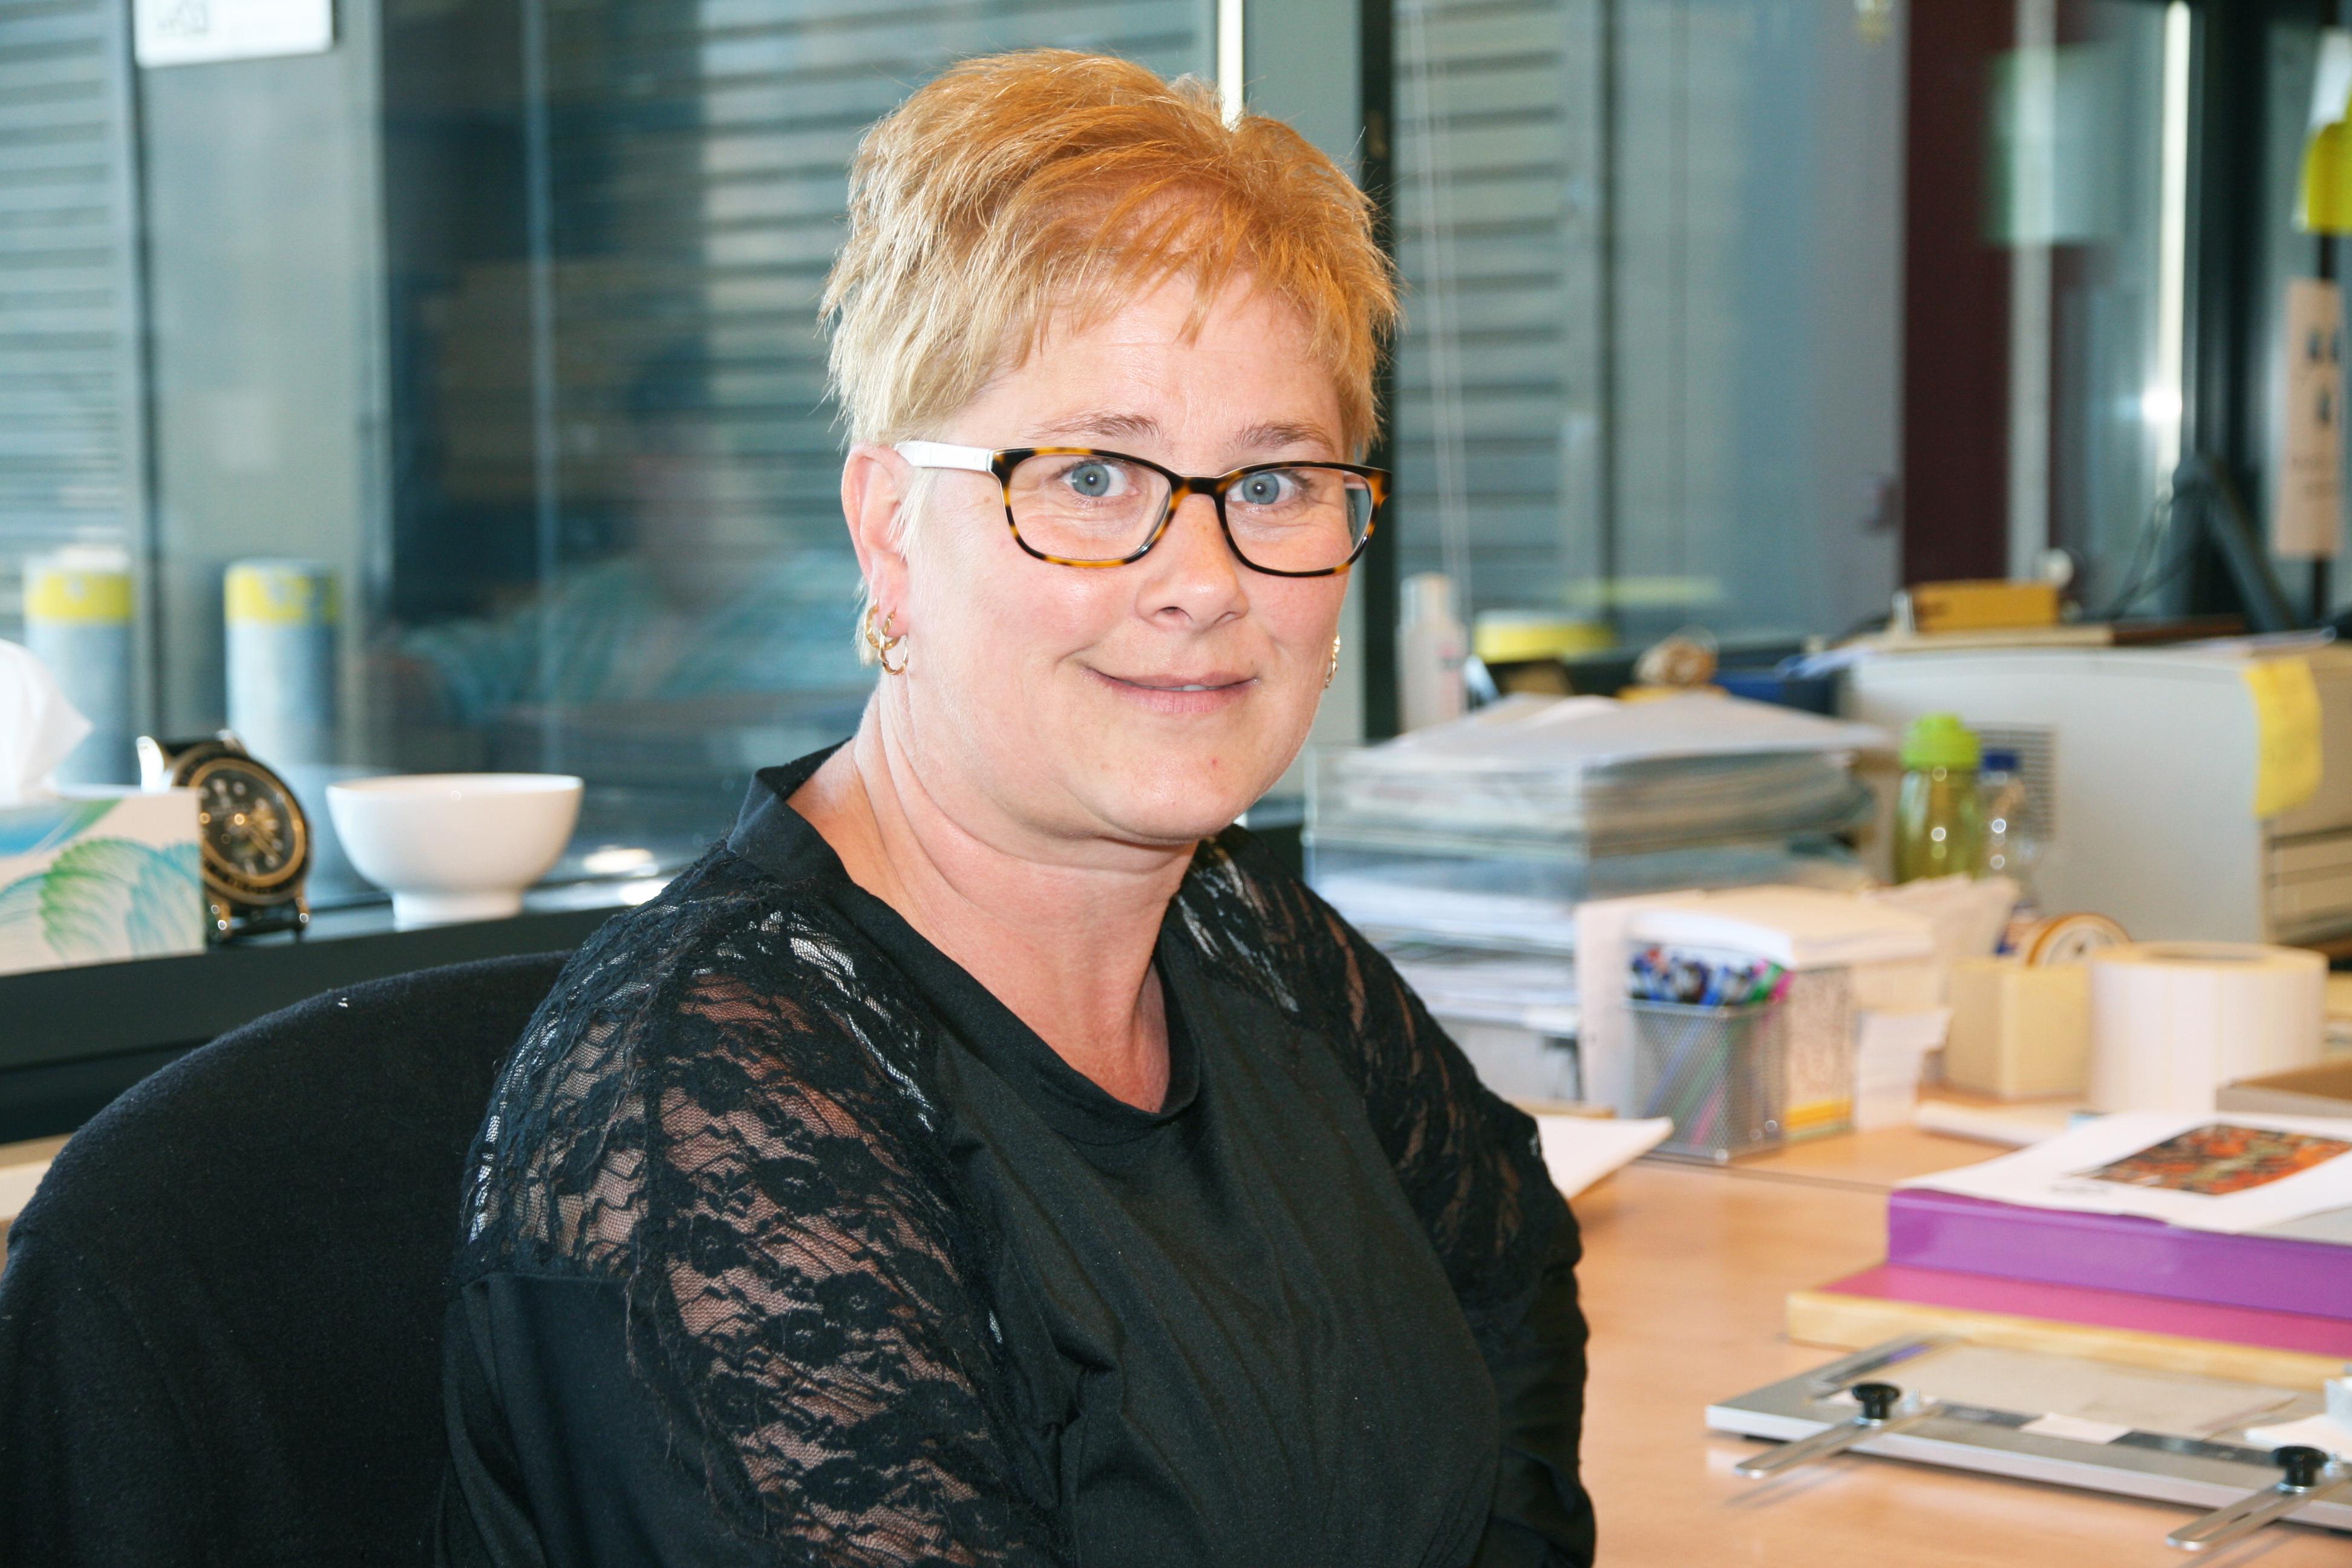 Angelien Ruiterkamp